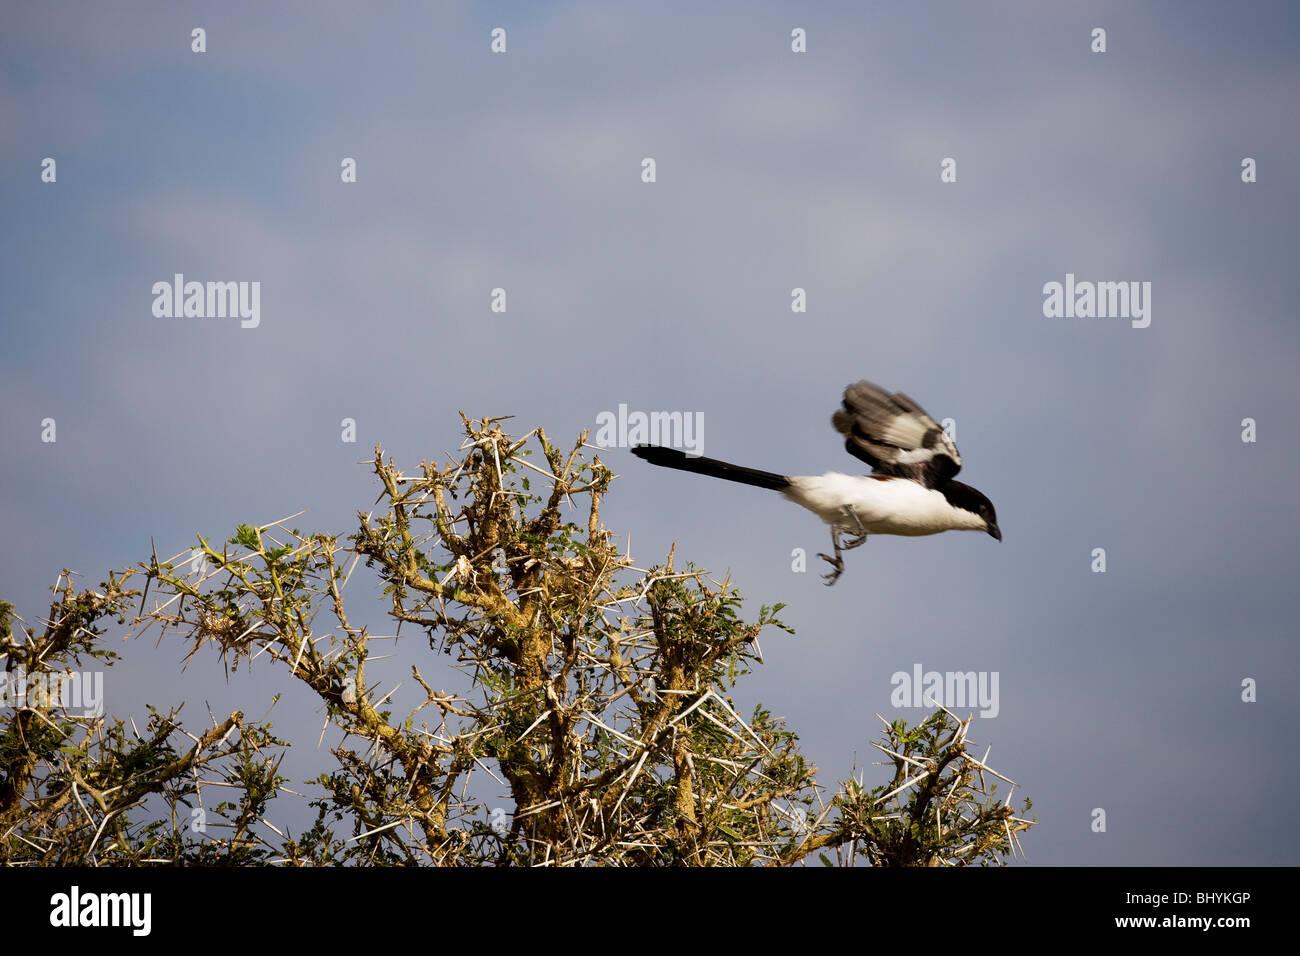 """Actuación en """"The Shrike"""" fiscal común, NP Mikumi, Tanzania, África Oriental Imagen De Stock"""